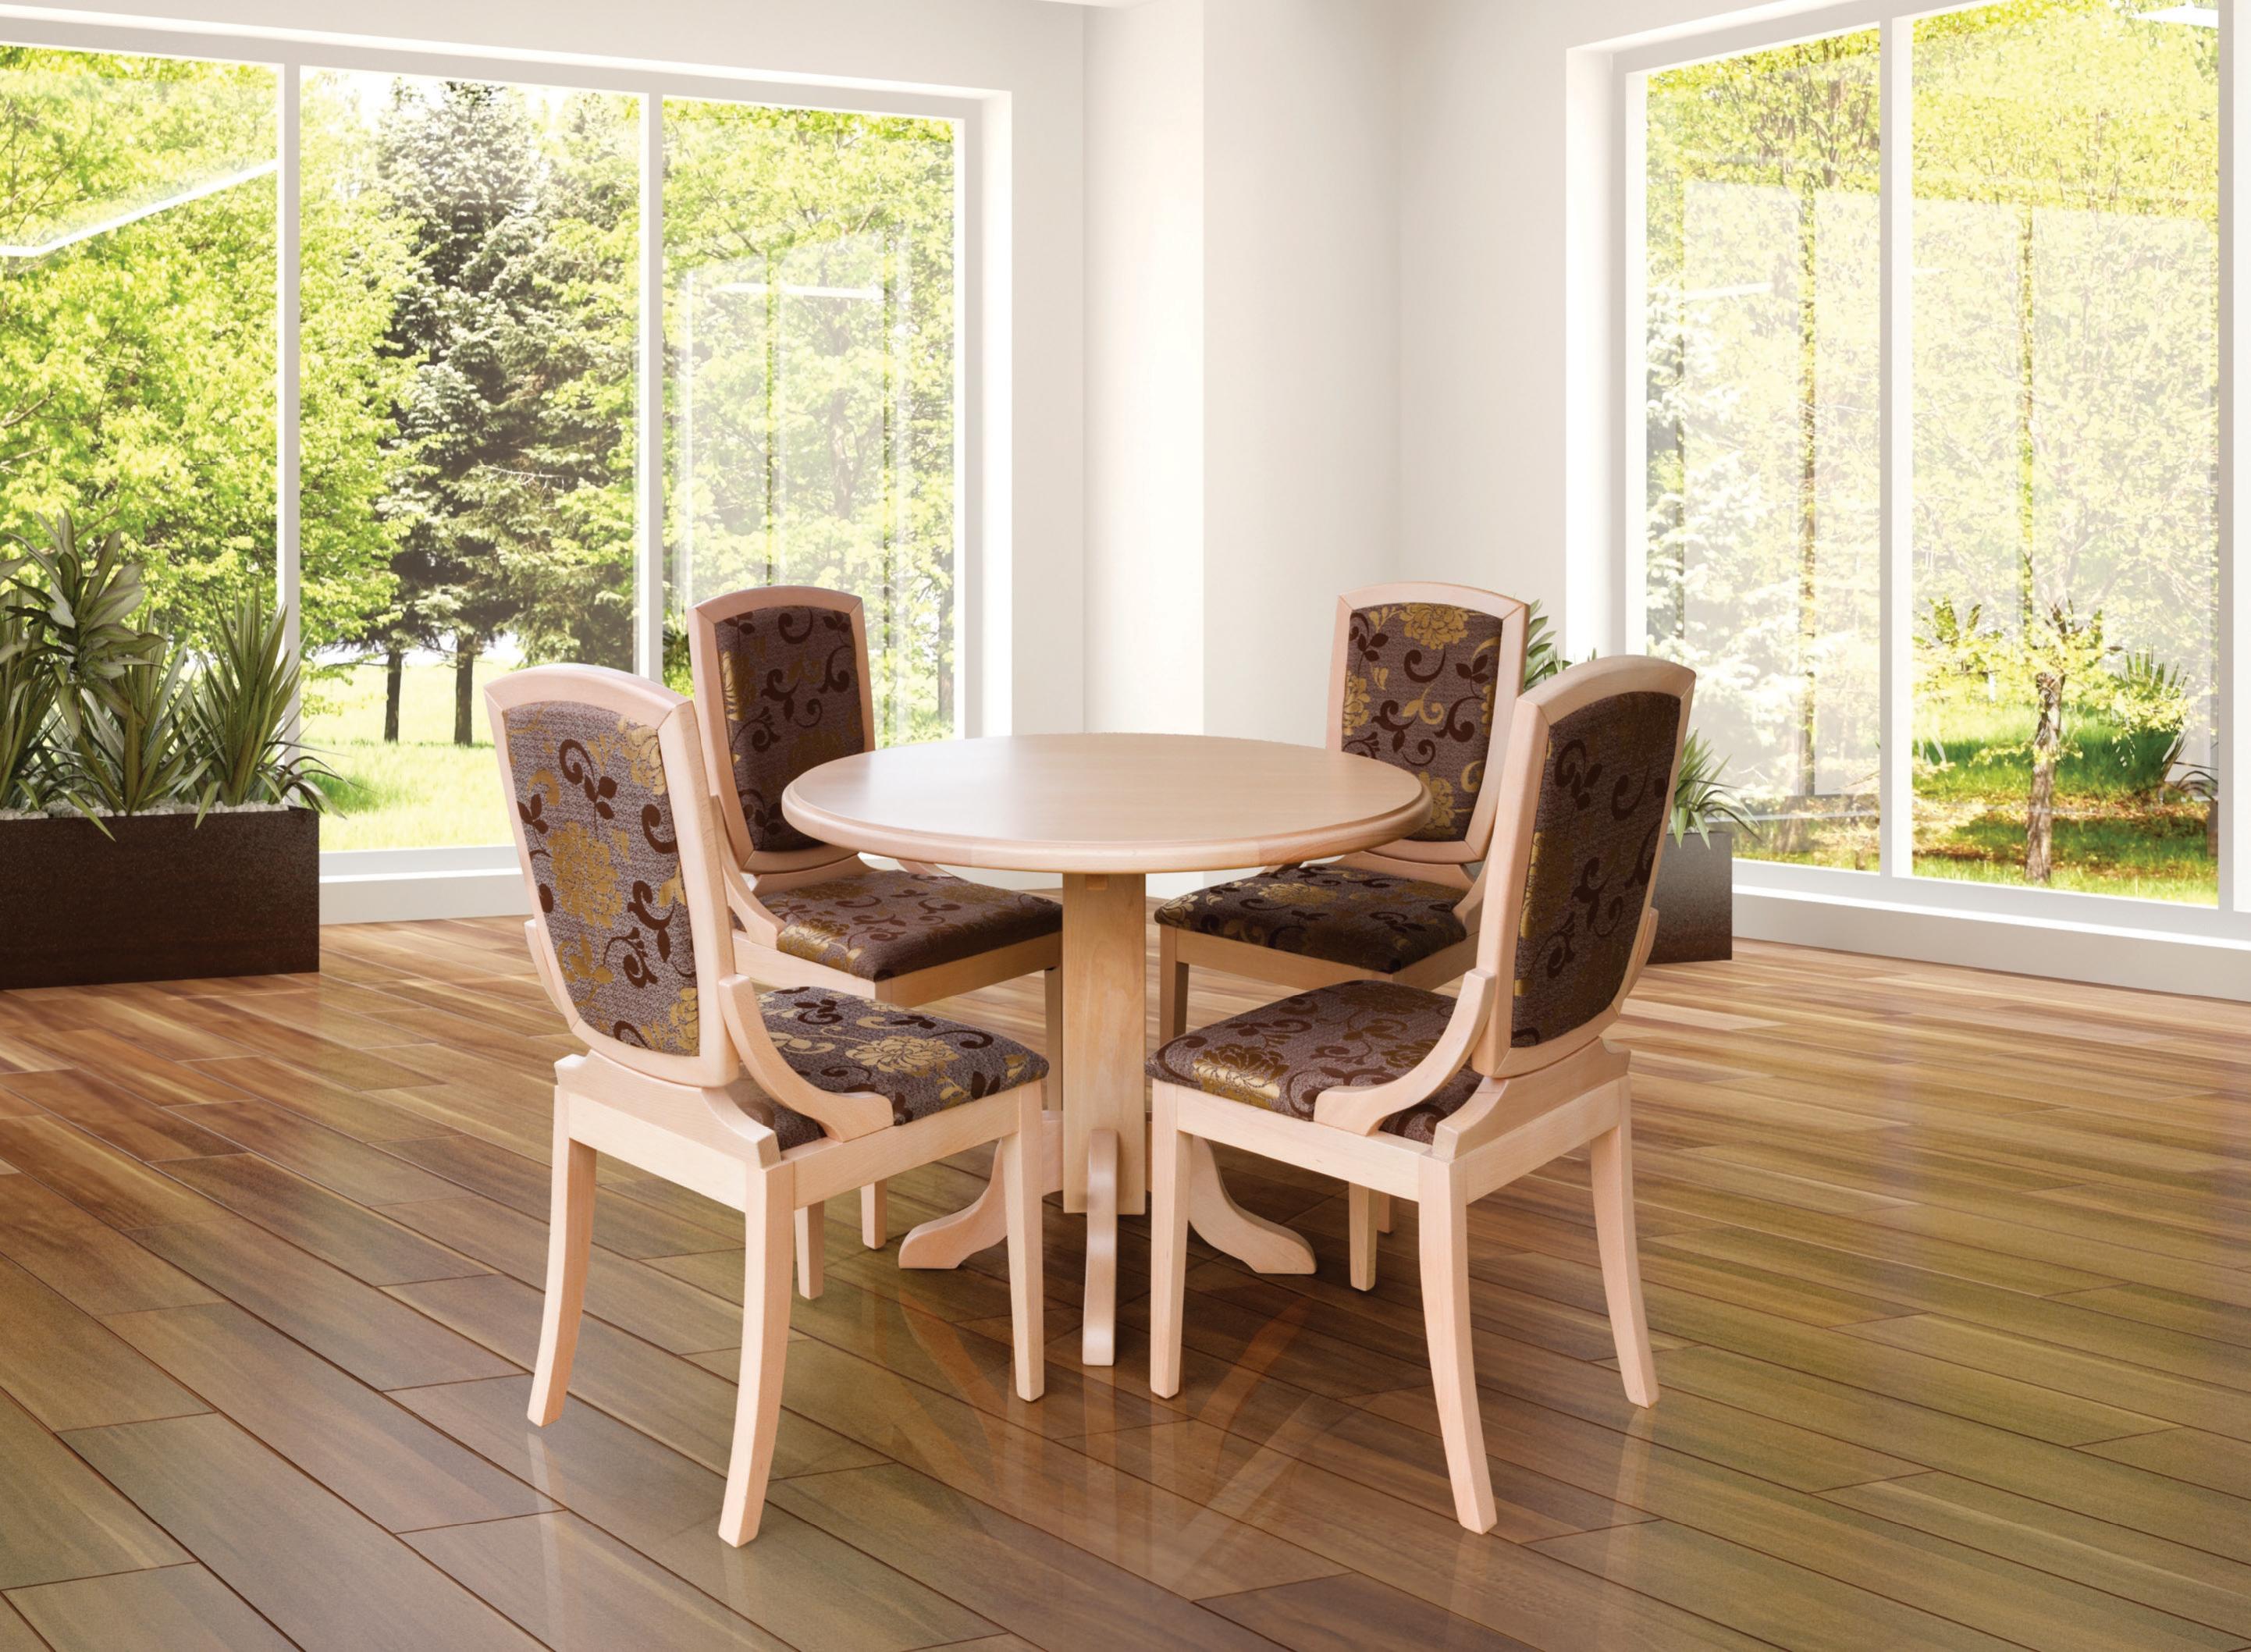 Bemutatkoznak a bútorcsaládok: a romantikus BOLERO